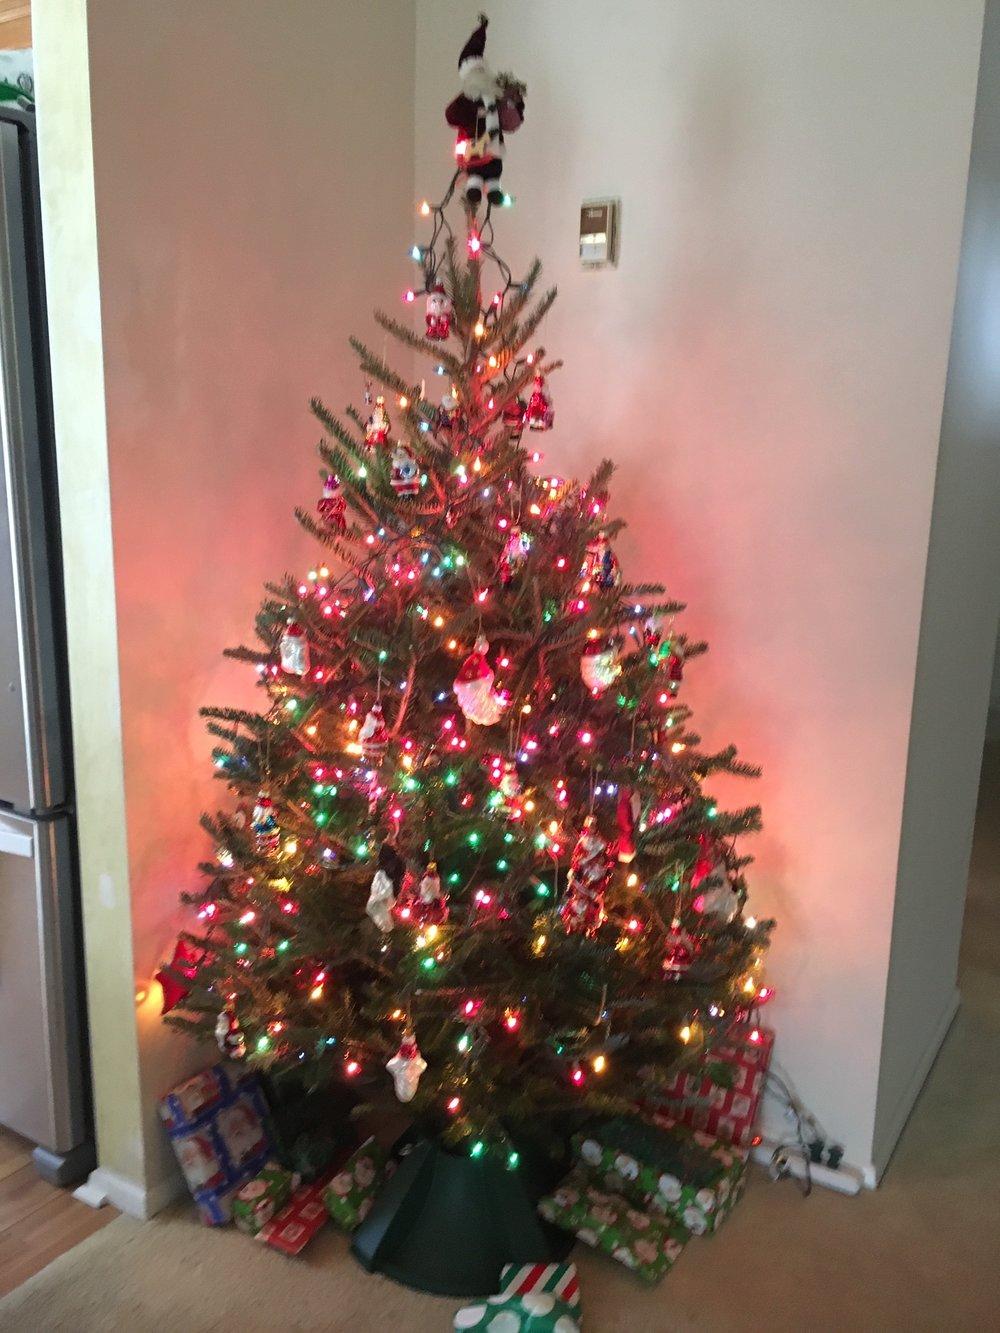 Also festive.